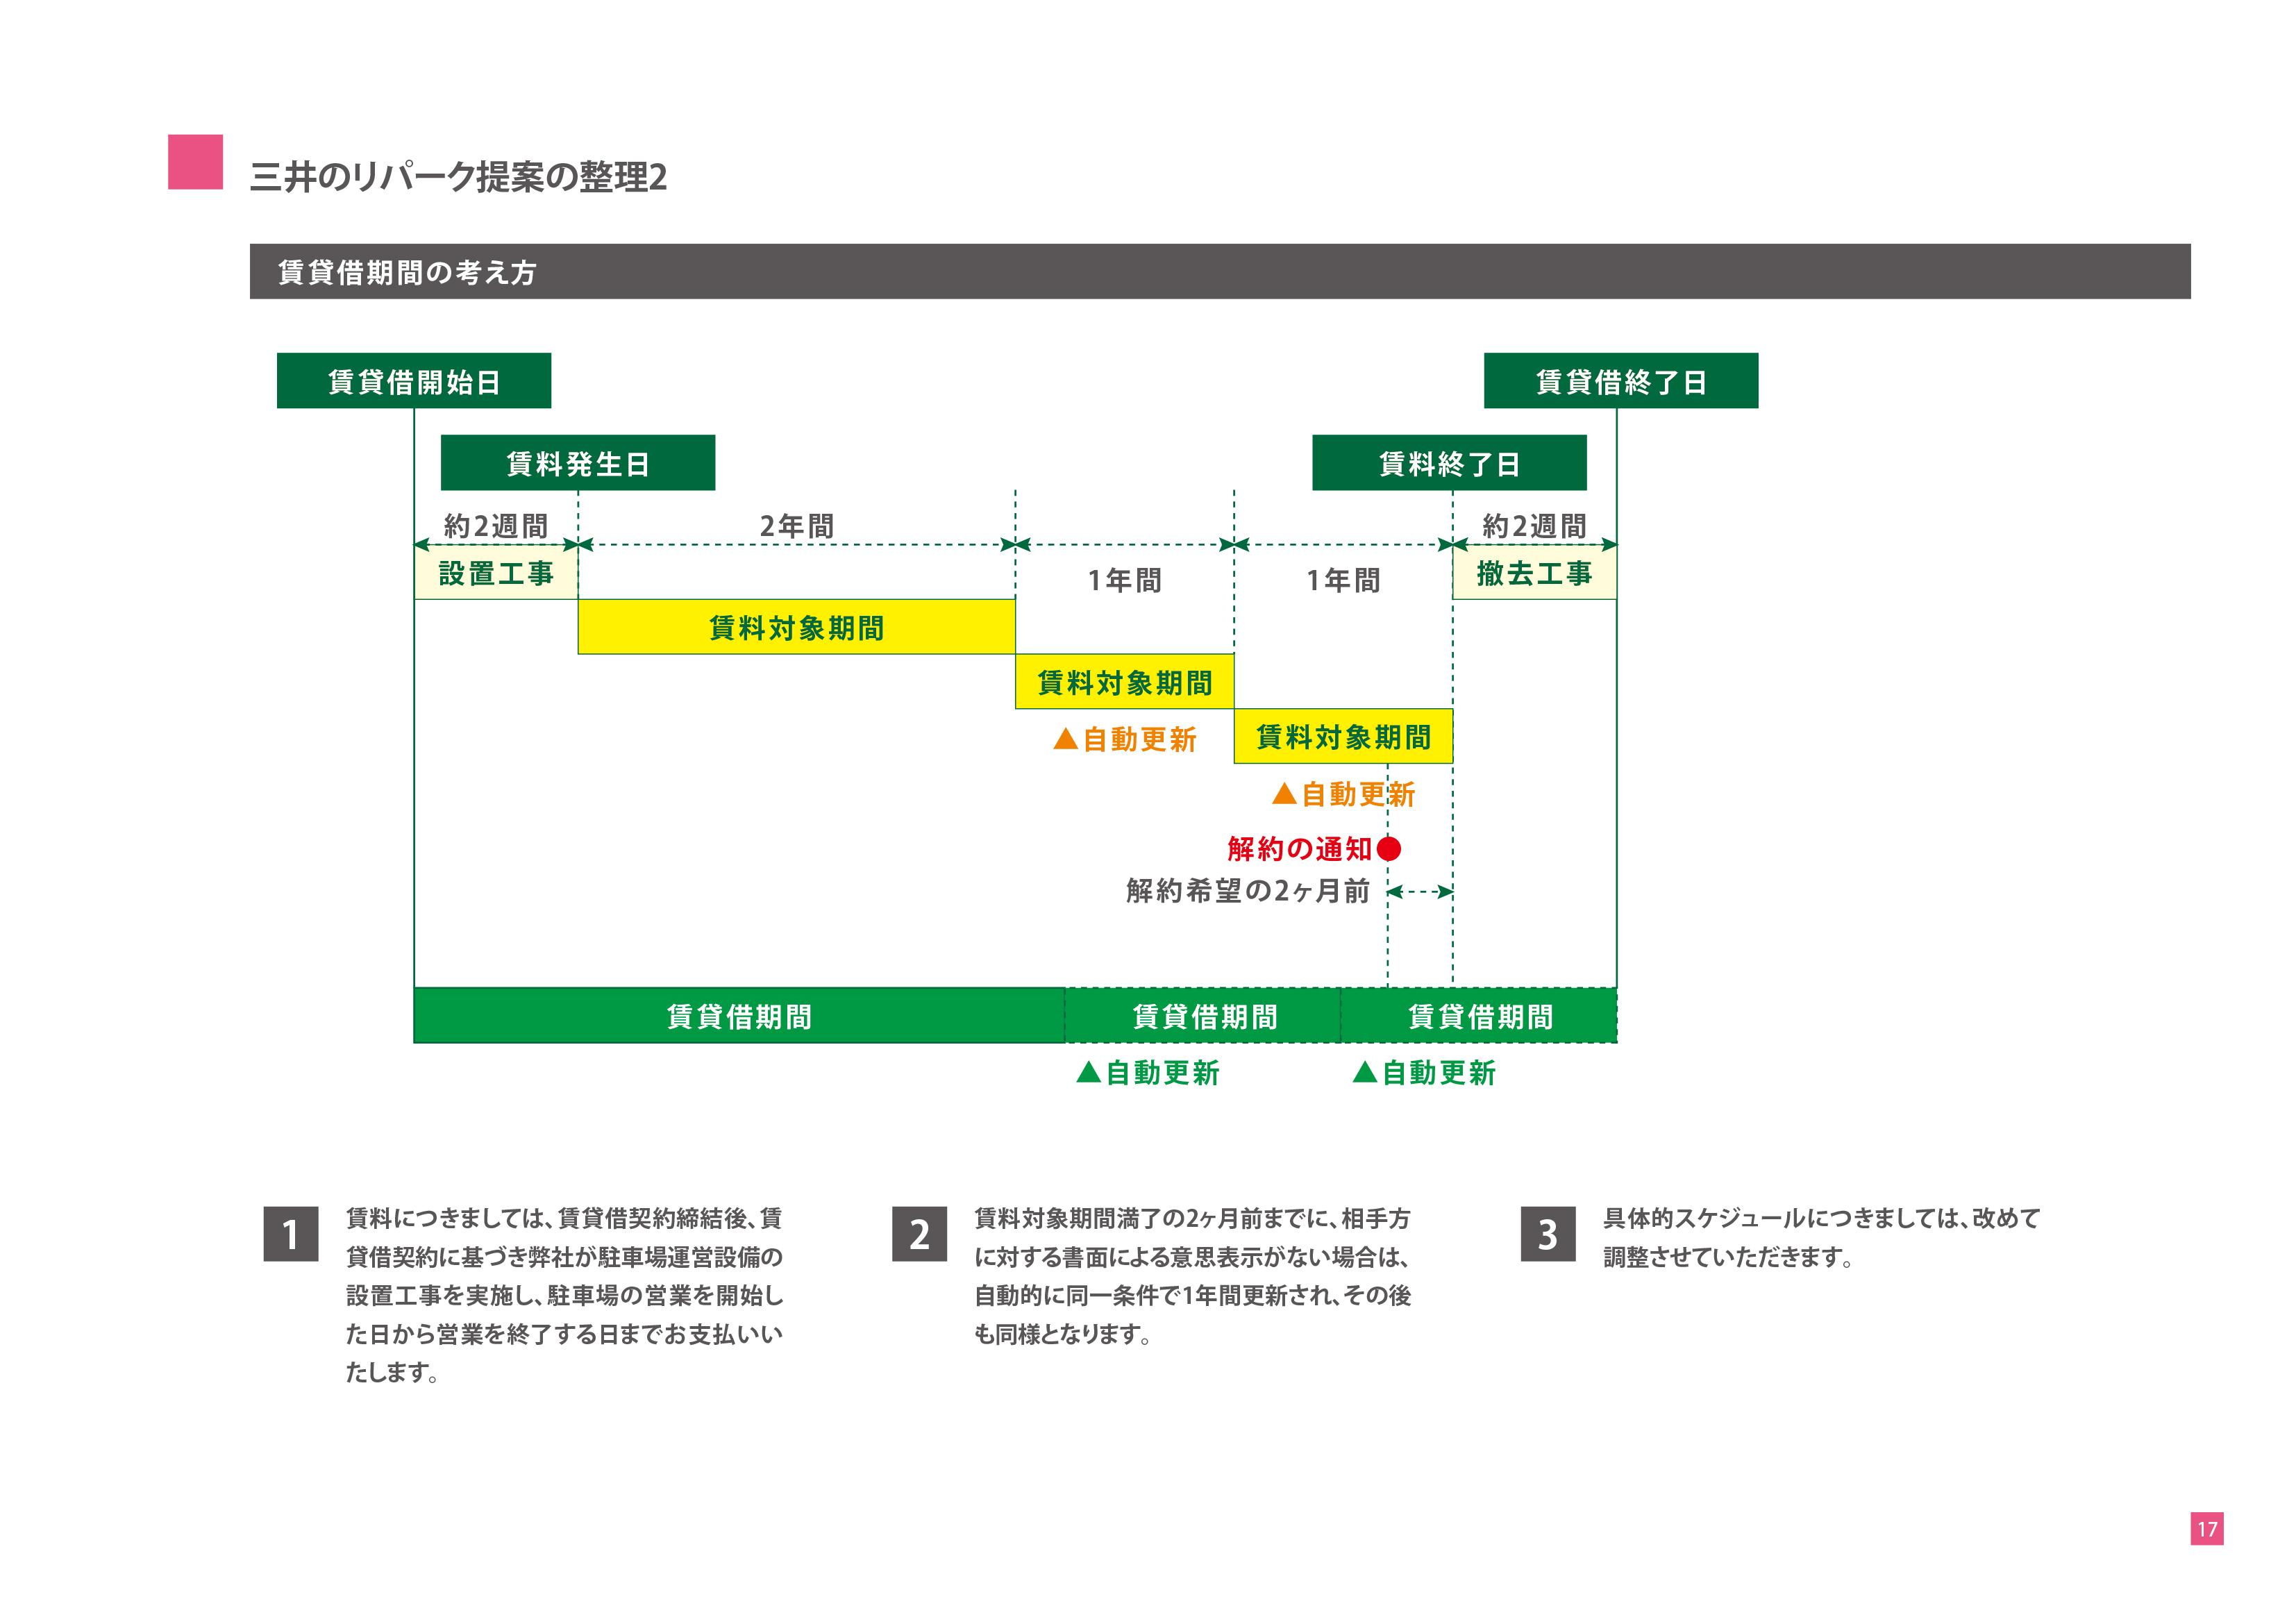 土地有効活用プロジェクト-駐車場経営のご提案-三井のリパーク提案の整理2